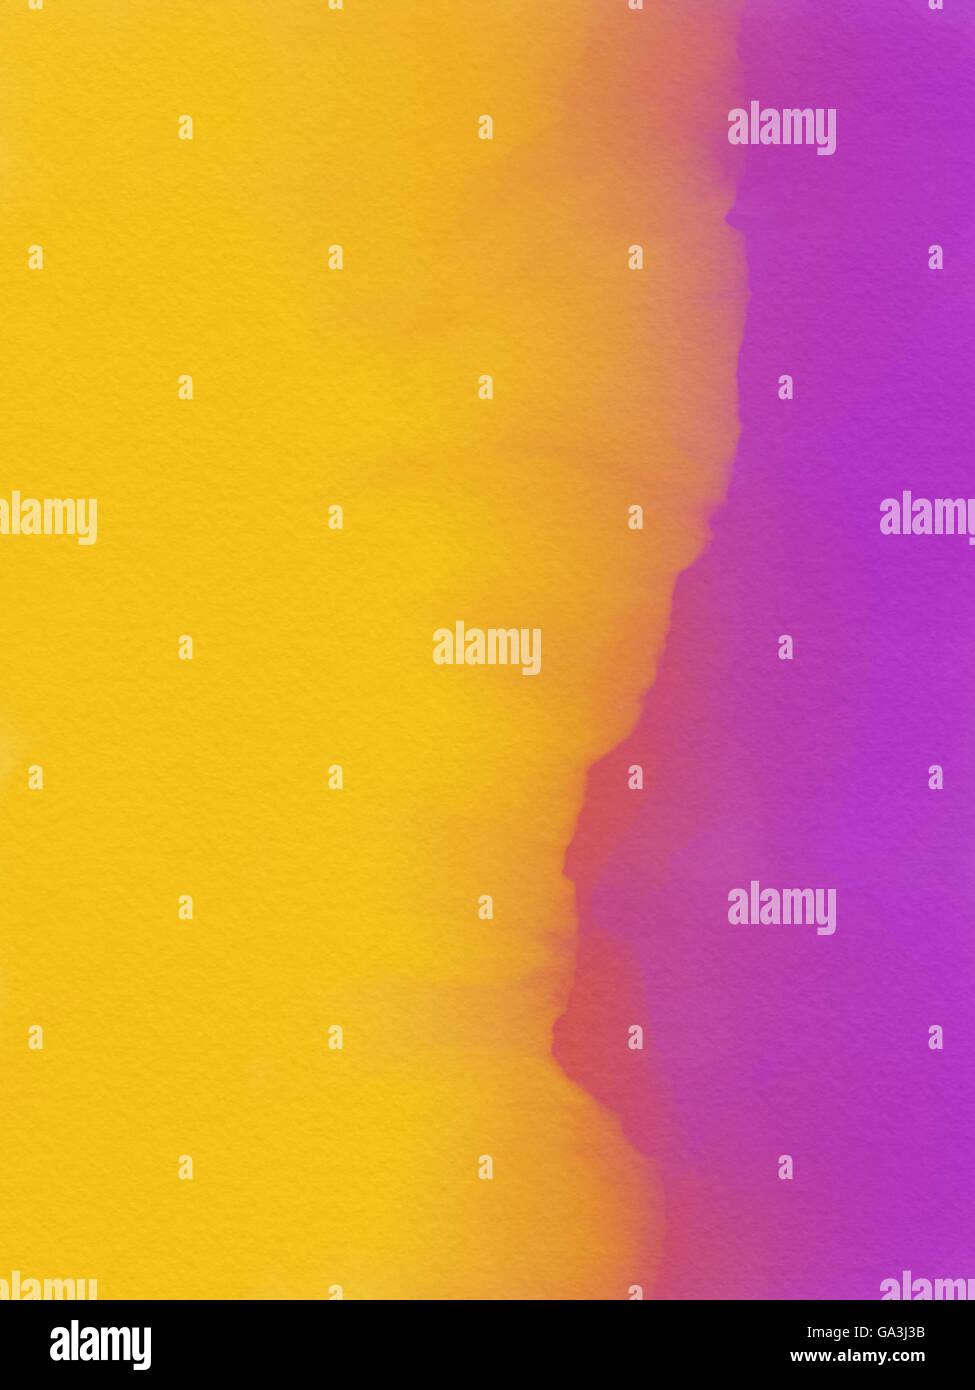 Resumen Antecedentes acuarela - morado y amarillo Imagen De Stock